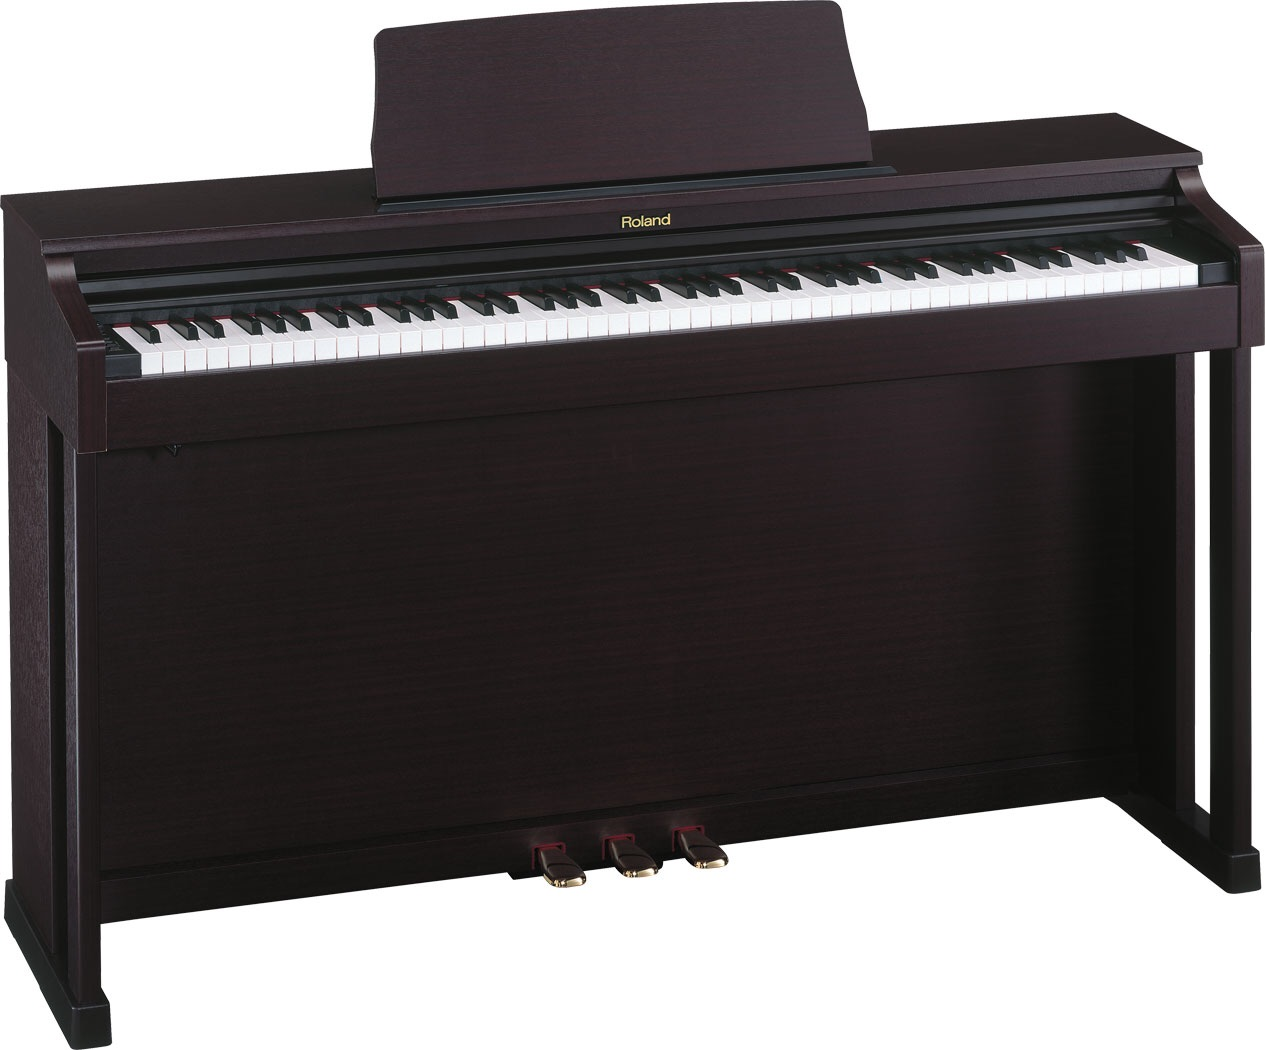 Roland HP 335